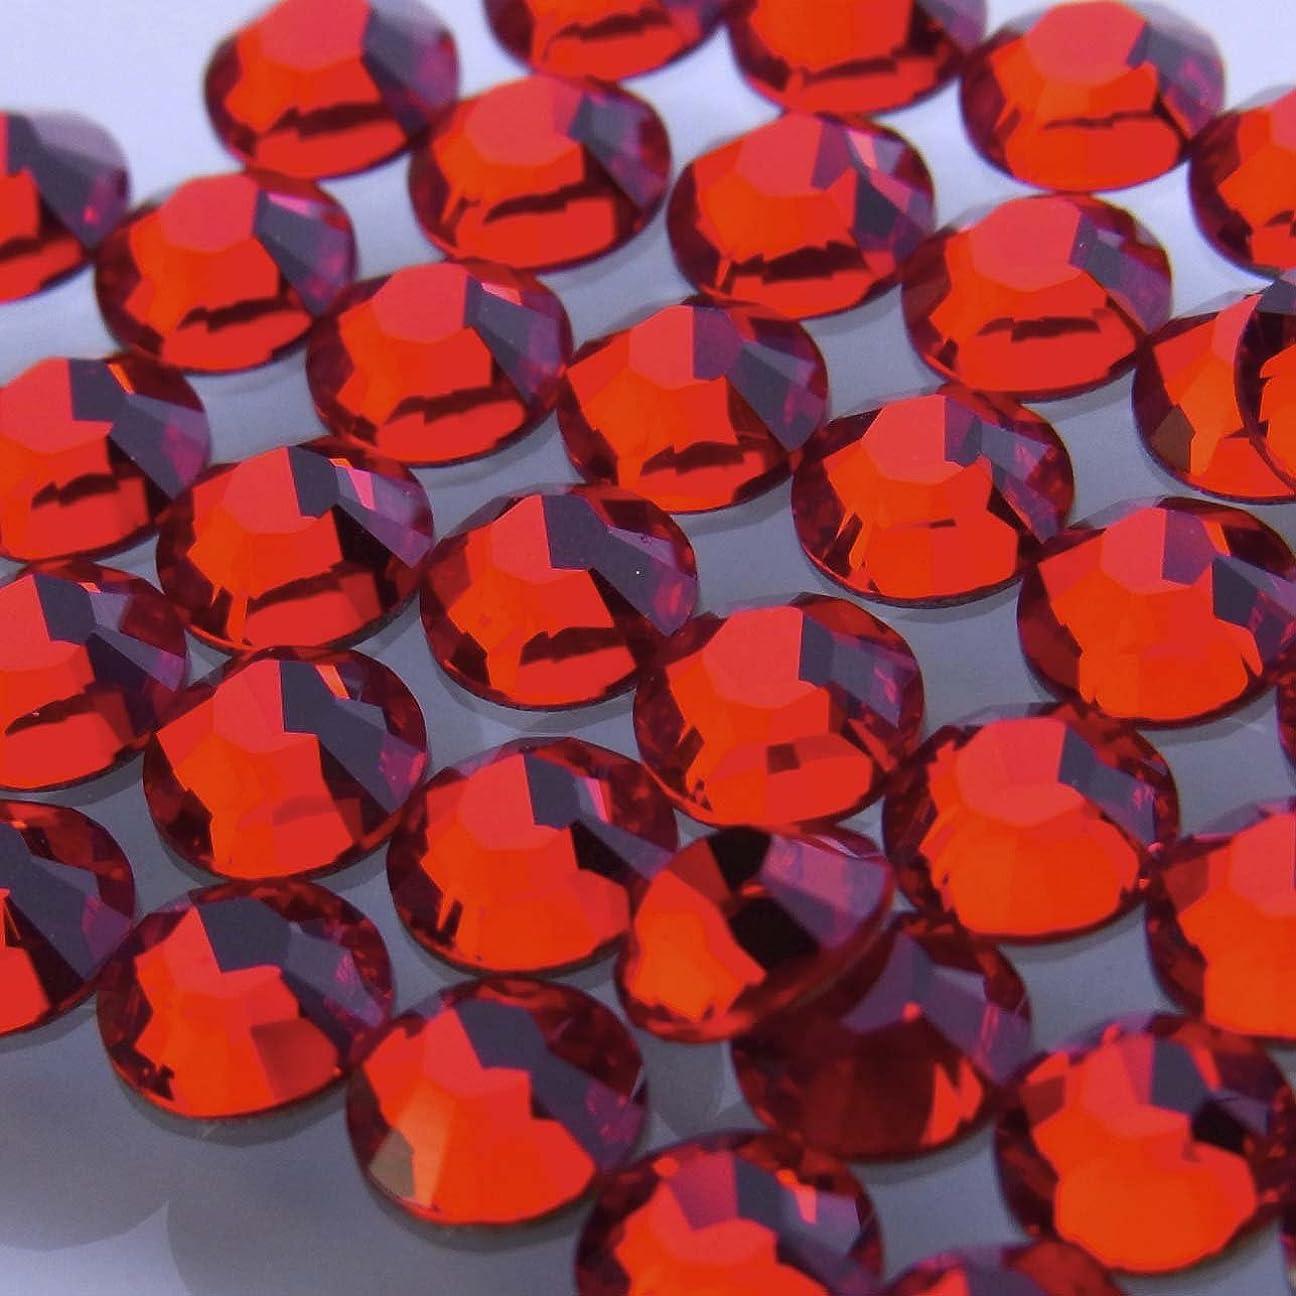 作成者柔らかい足圧倒的Hotfixライトシャムss10(100粒入り)スワロフスキーラインストーンホットフィックス